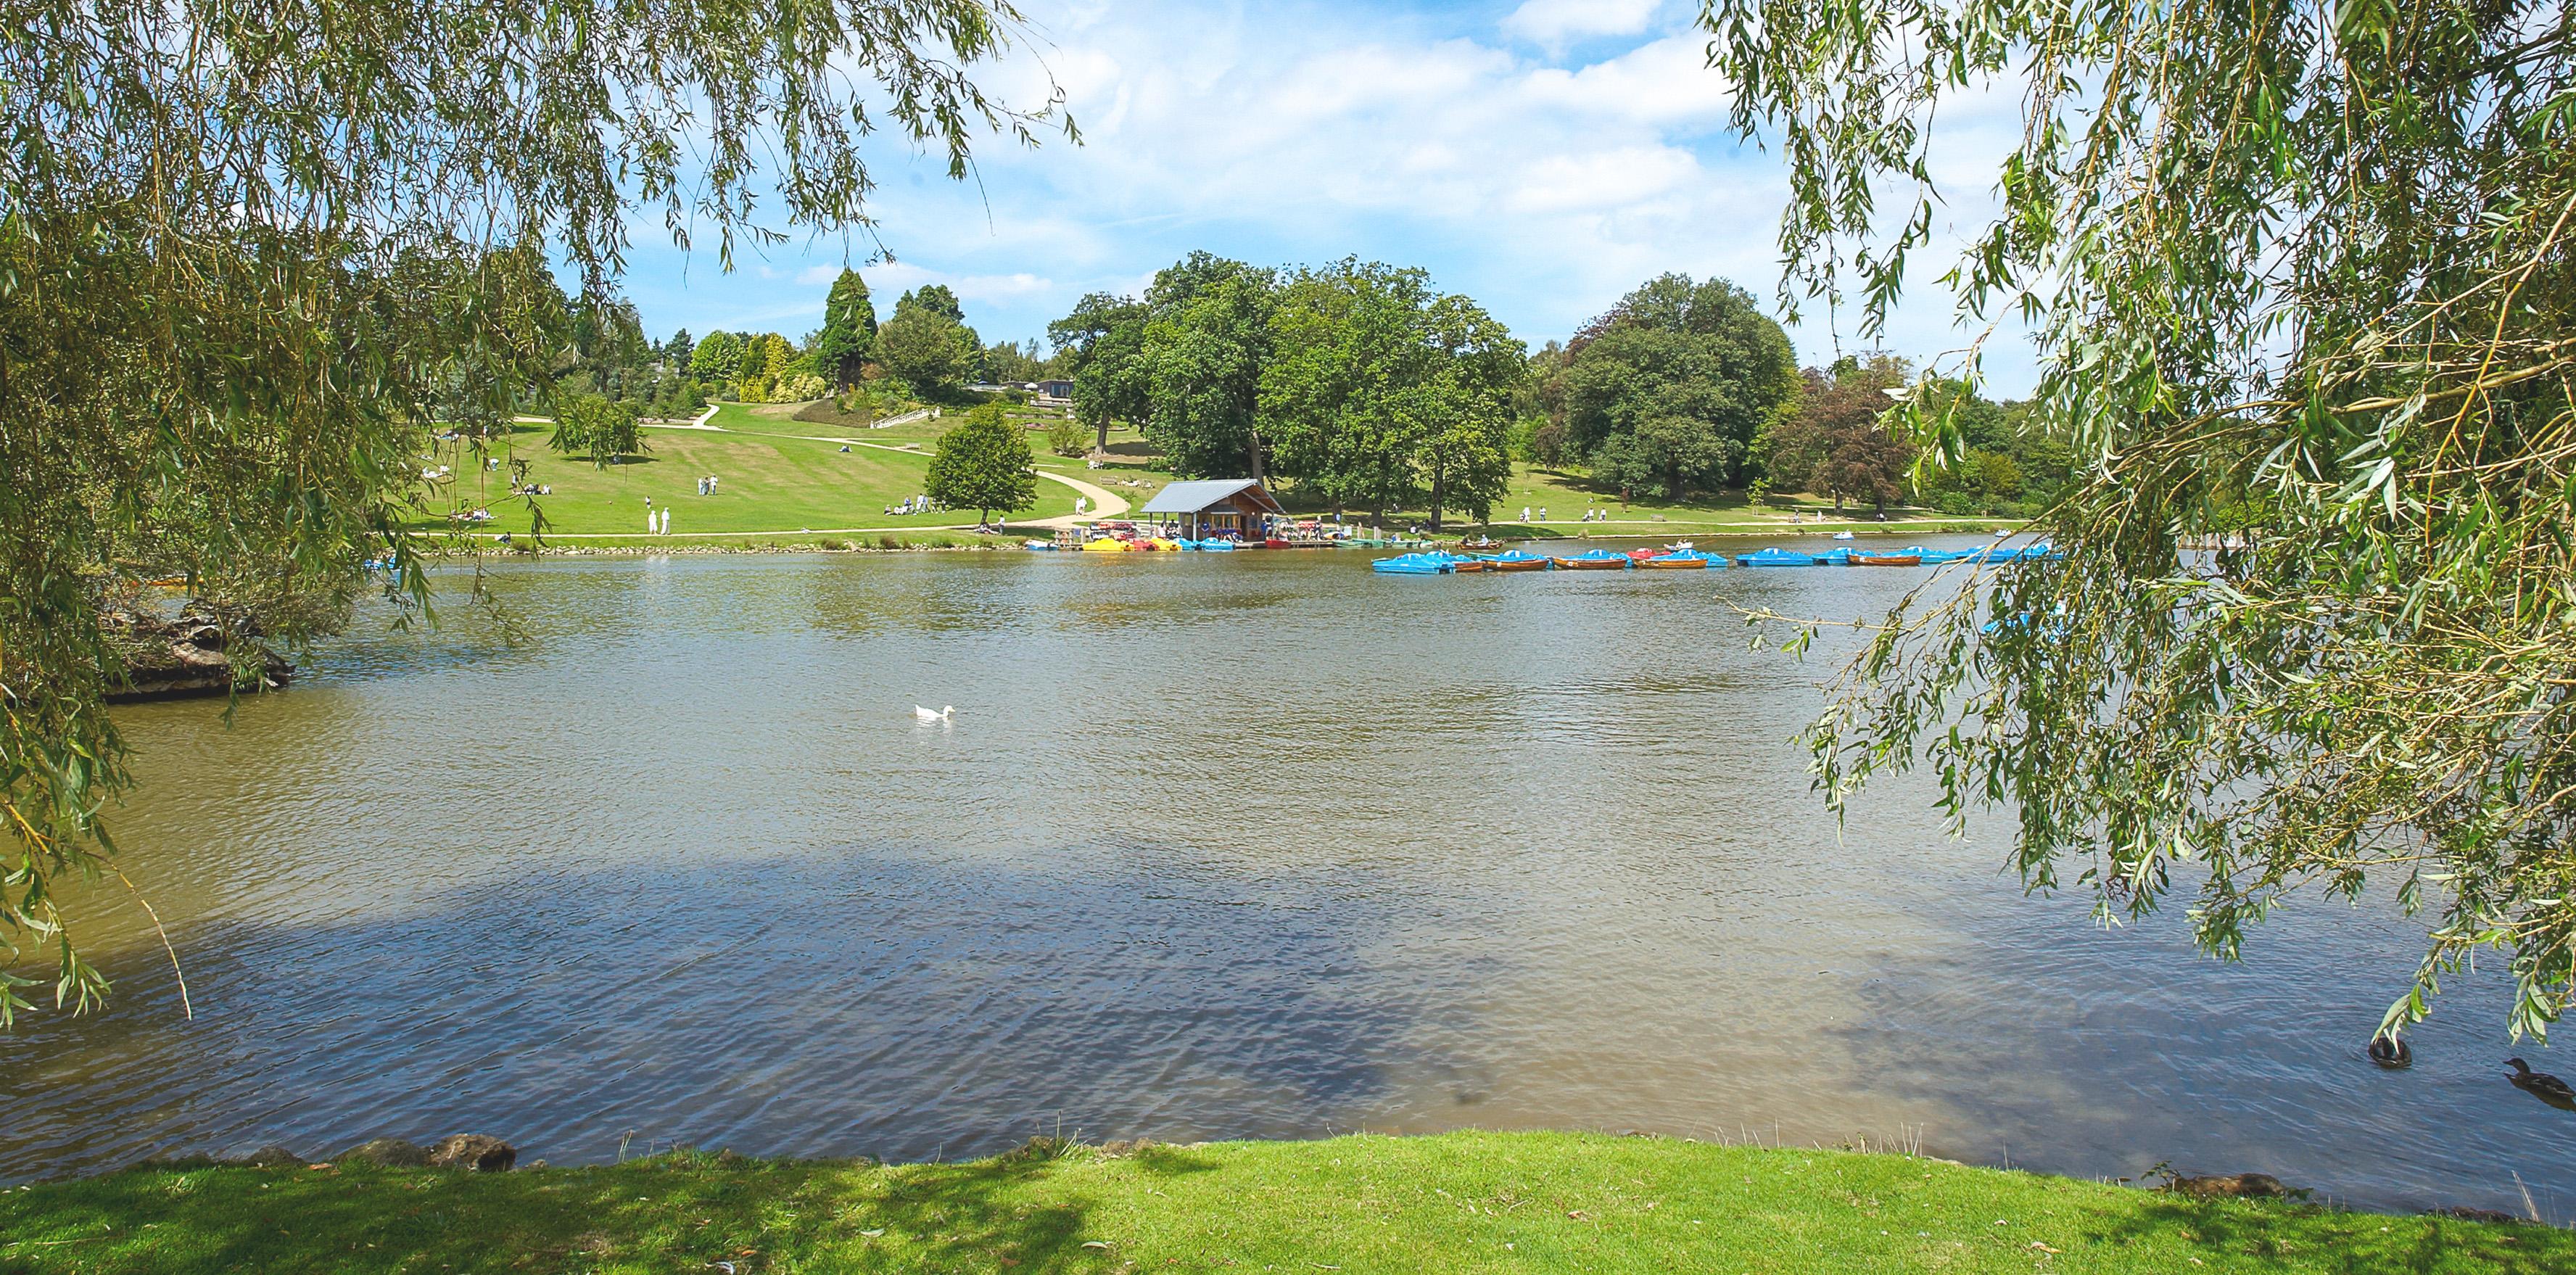 Dunorlan Park Lake